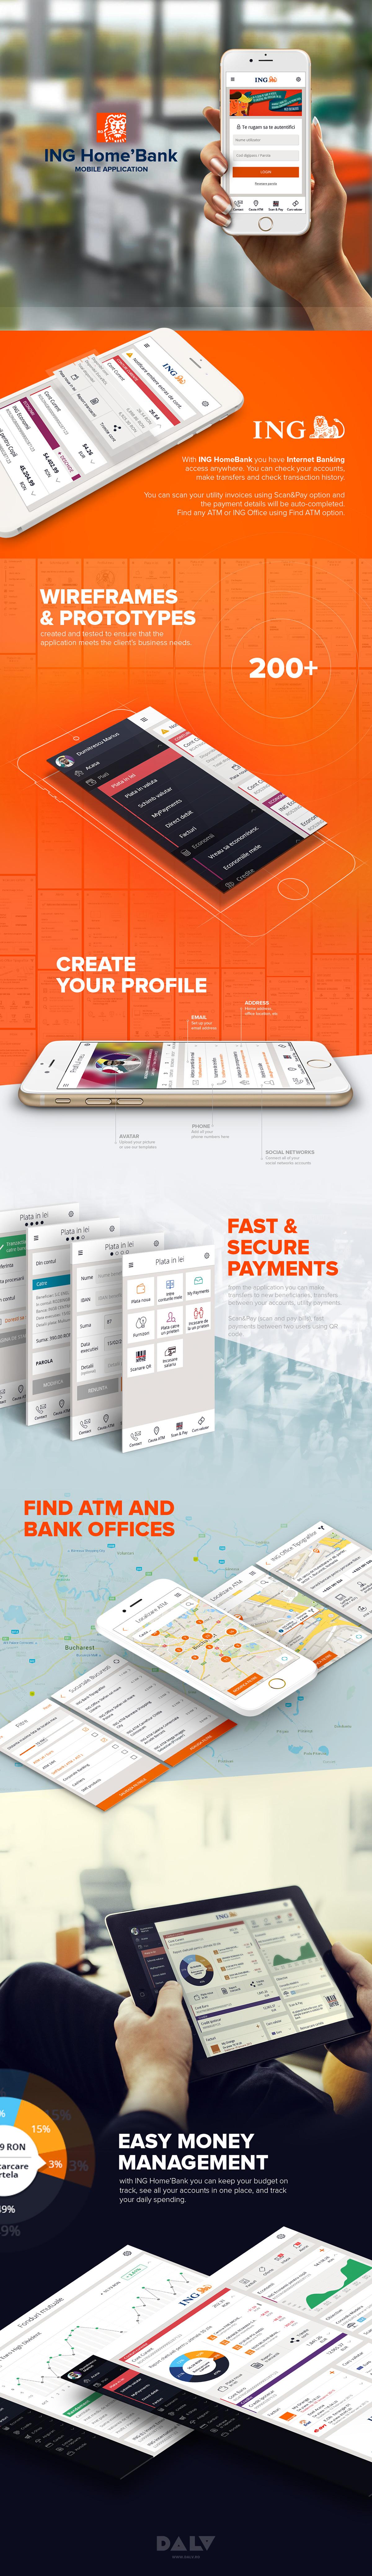 banking mobile app iphone iPad ING